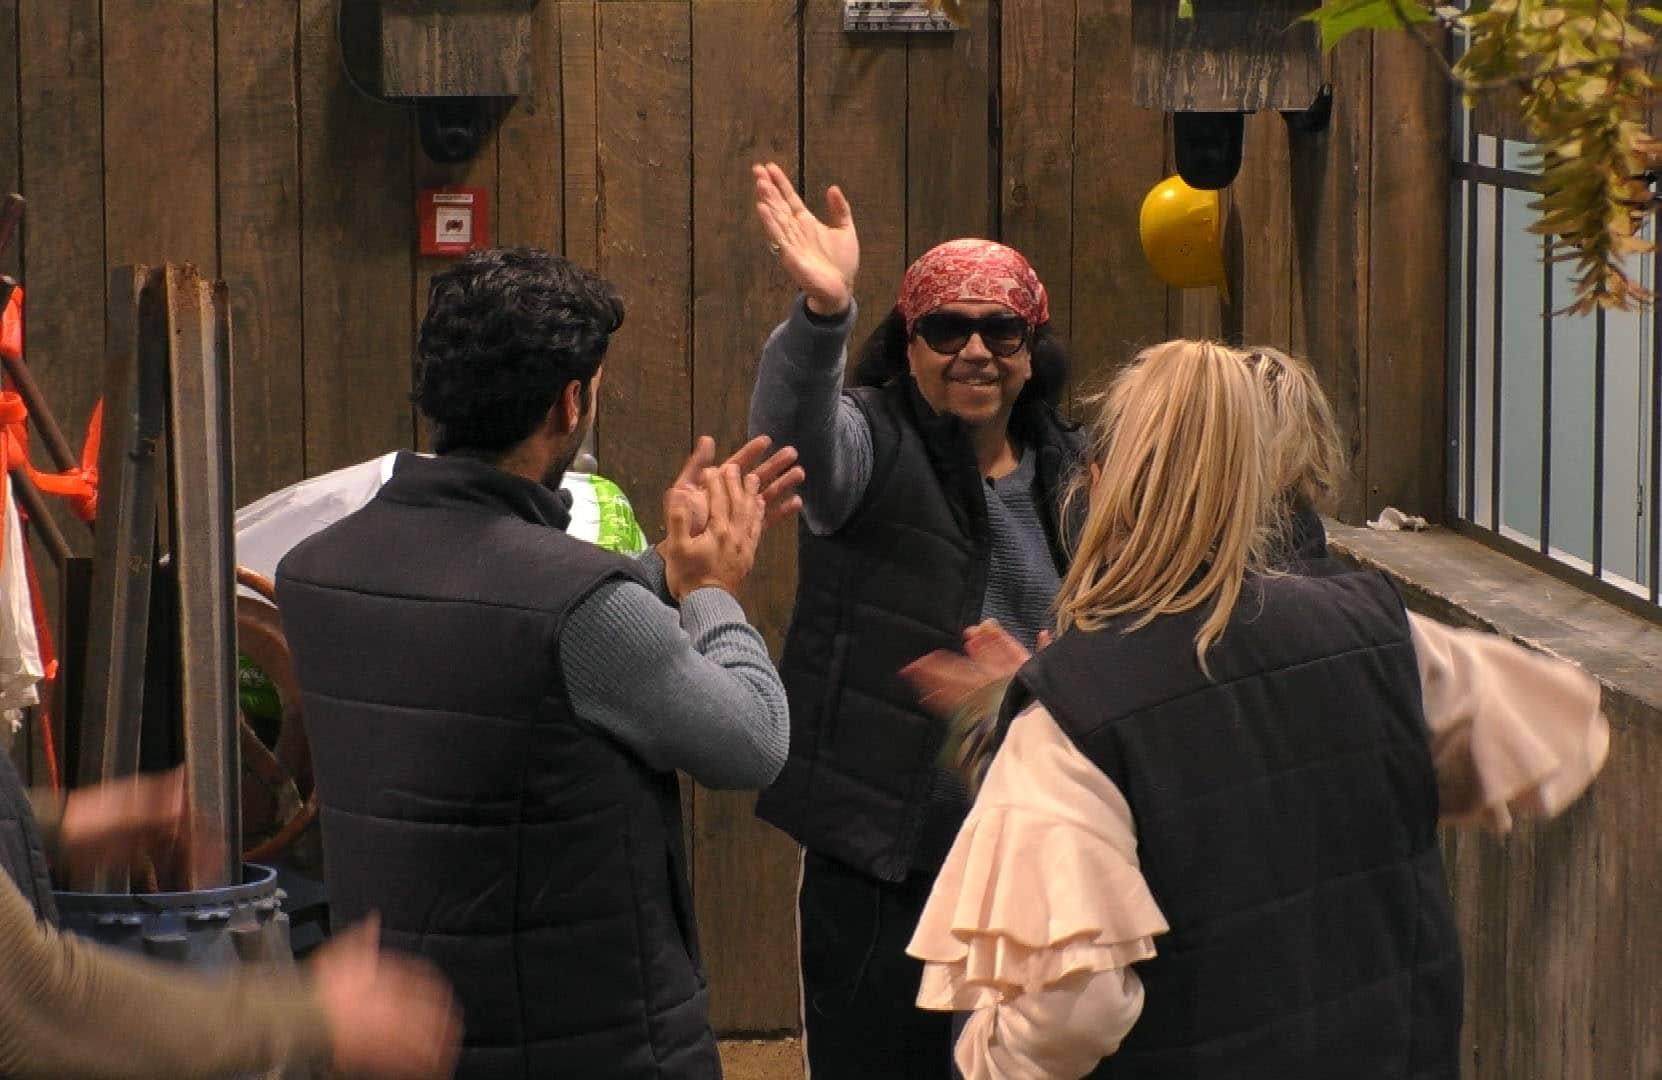 Mike Shiva verabschiedet sich von seinen Mitbewohnern.